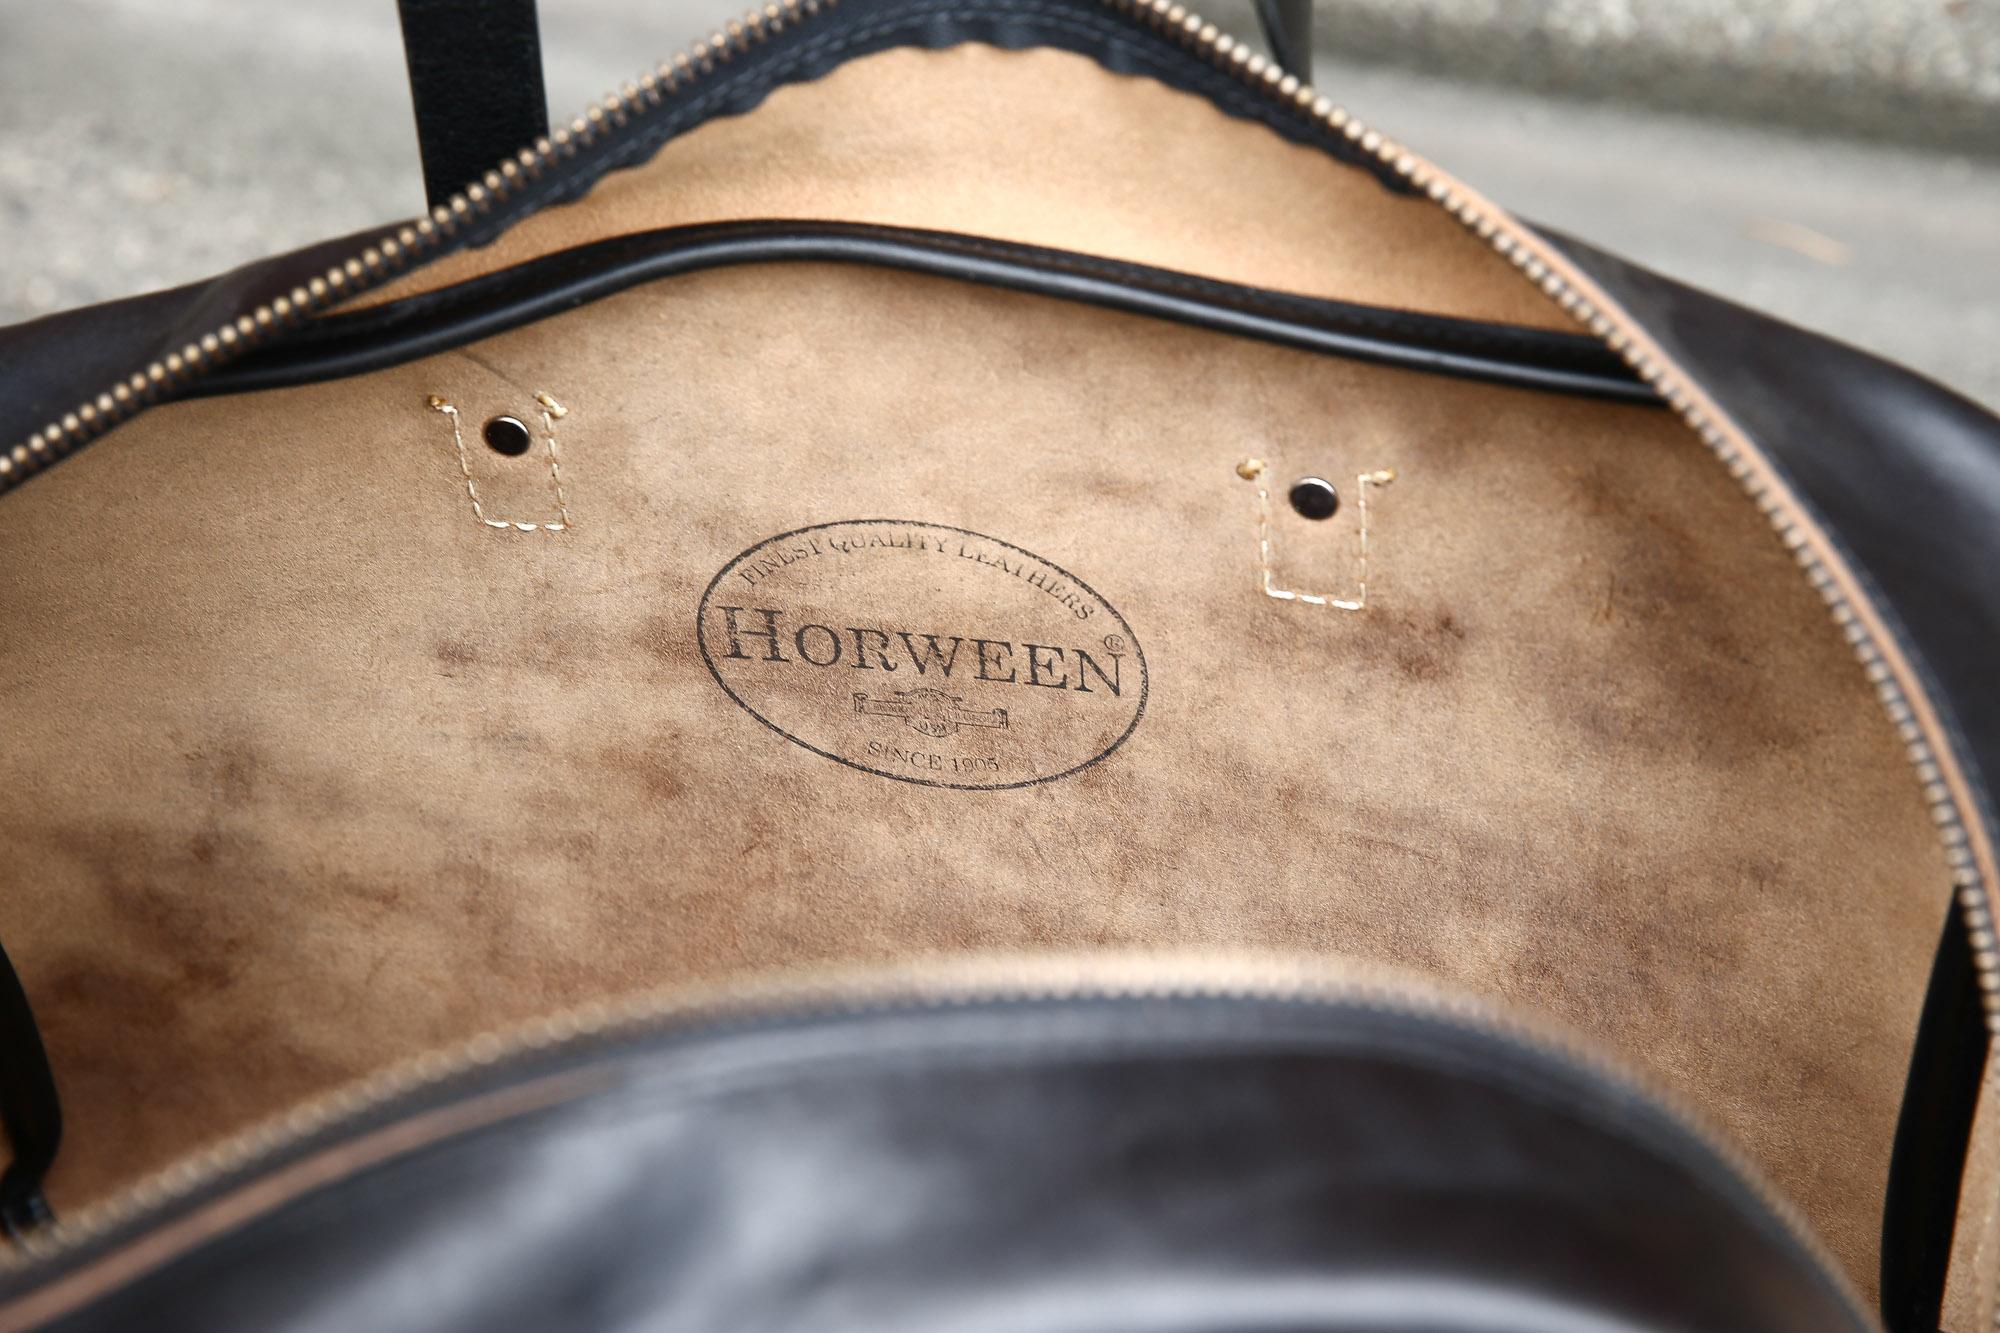 CORONADO LEATHER(コロナドレザー) Horween Chromexcel Leather ホーウィン社クロムエクセルレザー CXL Duffle#105 レザーダッフルバック BLACK(ブラック) のコーディネート画像。